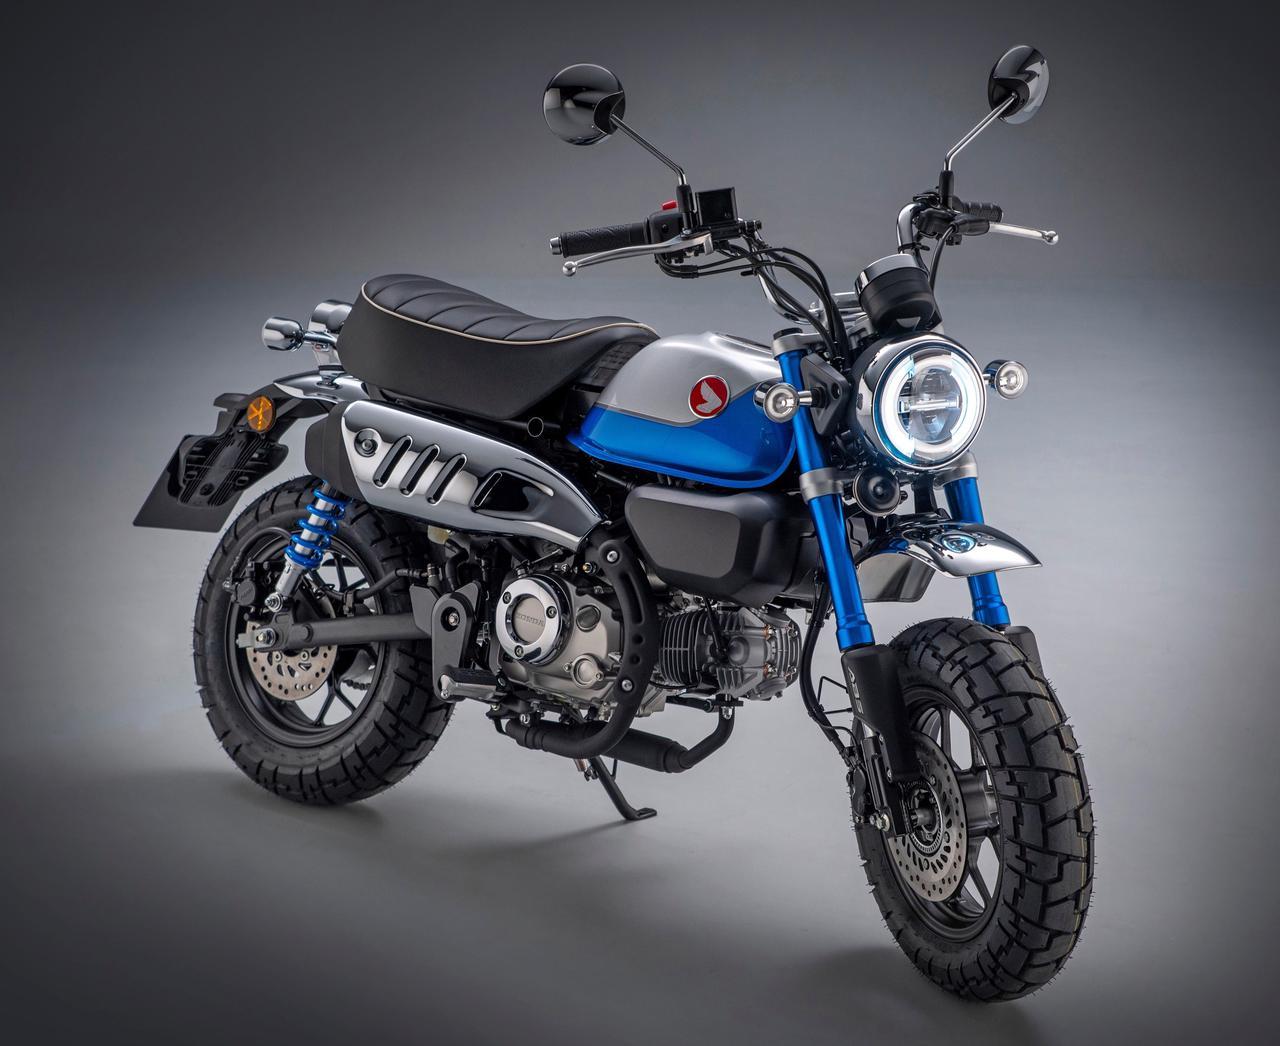 画像: Honda MONKEY125 欧州仕様・2022年モデル 総排気量:124cc エンジン形式:空冷4ストOHC2バルブ単気筒 シート高:775mm 車両重量:104kg